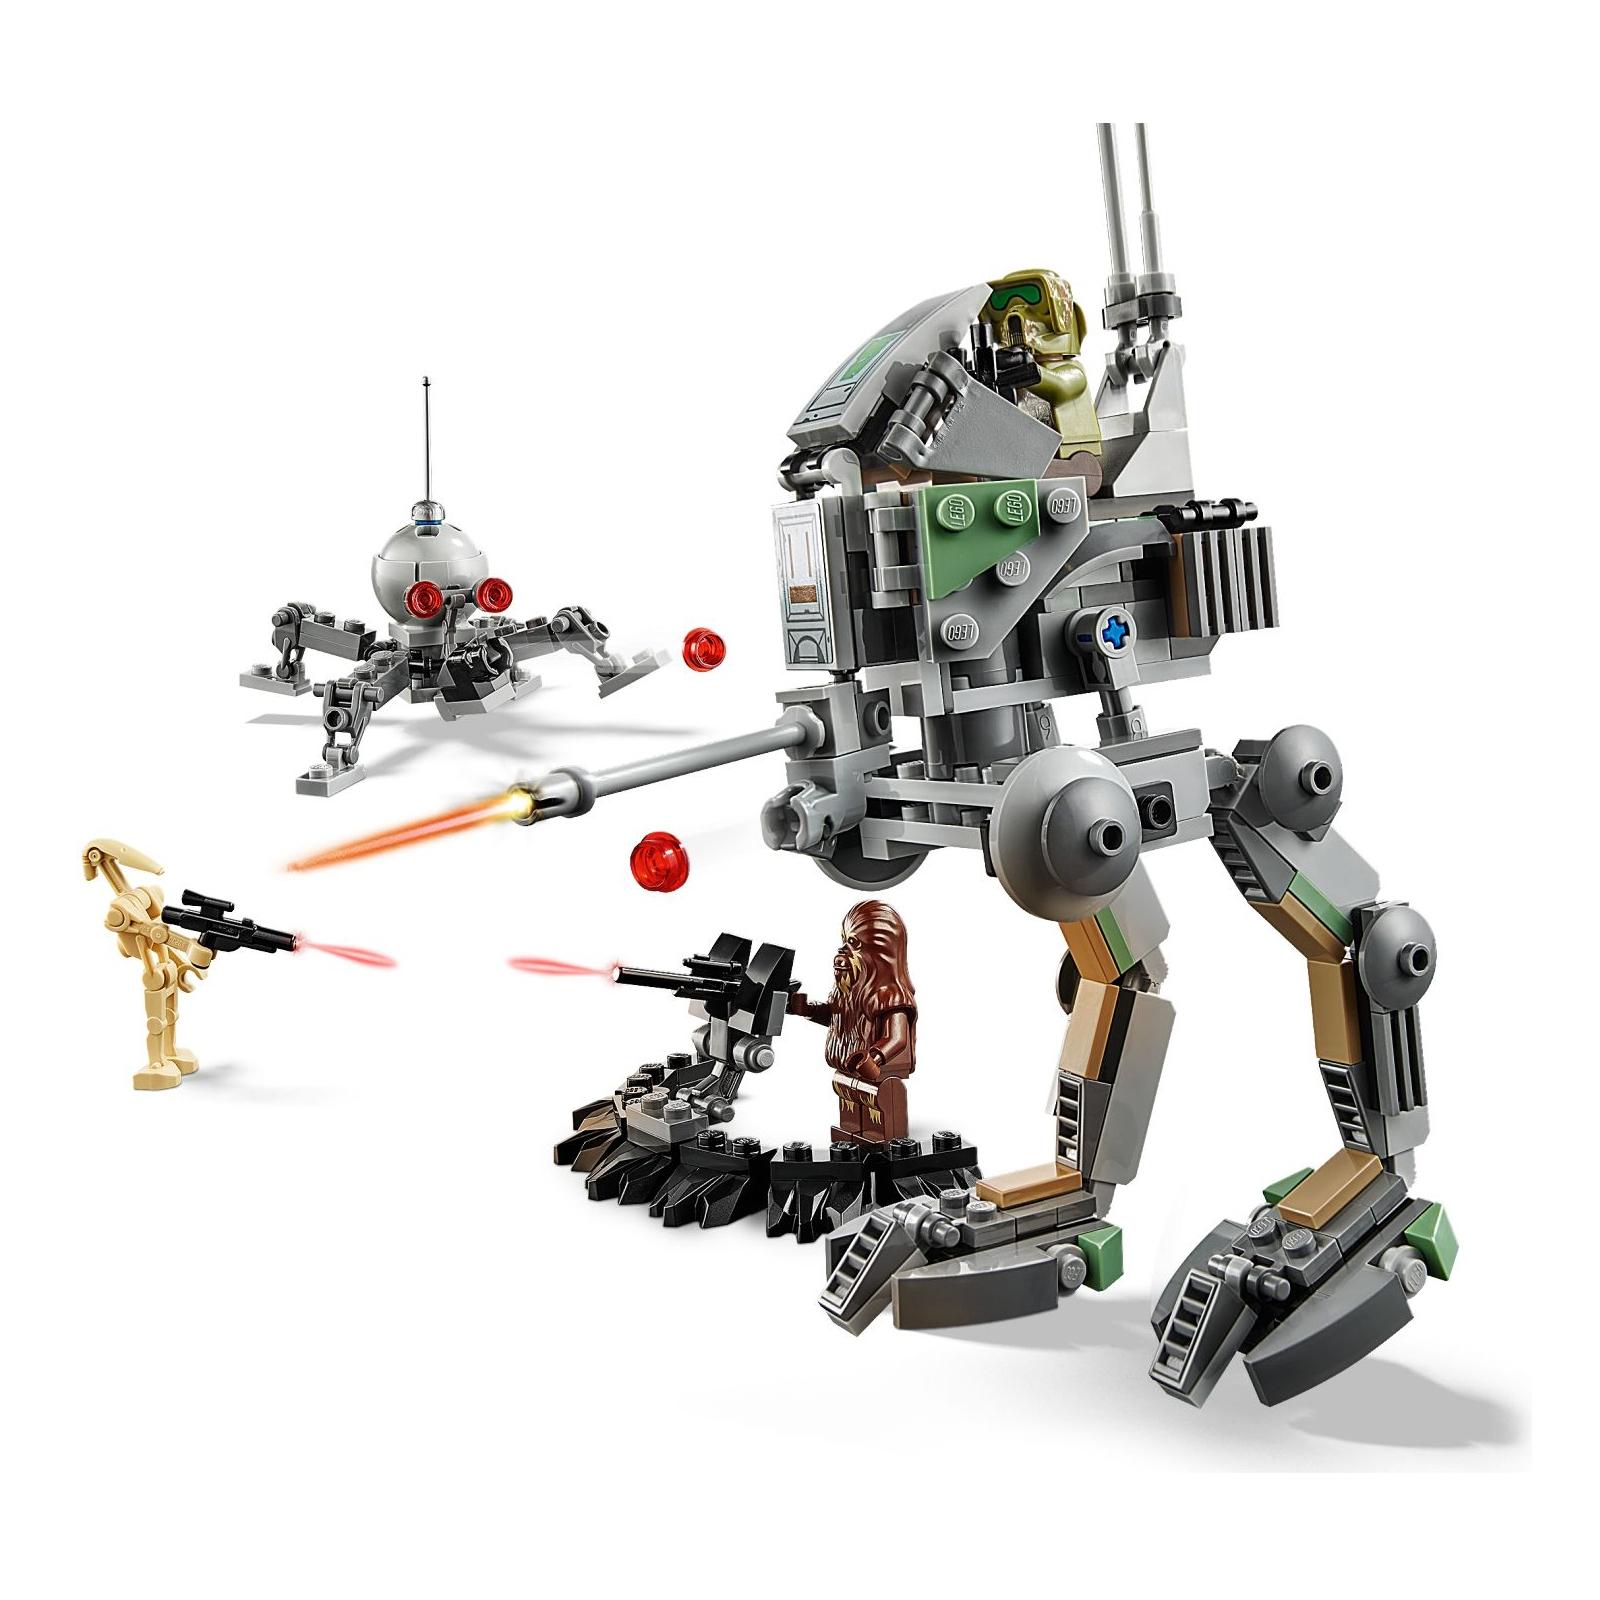 Конструктор LEGO Star Wars Шагоход-разведчик клонов (75261) изображение 3